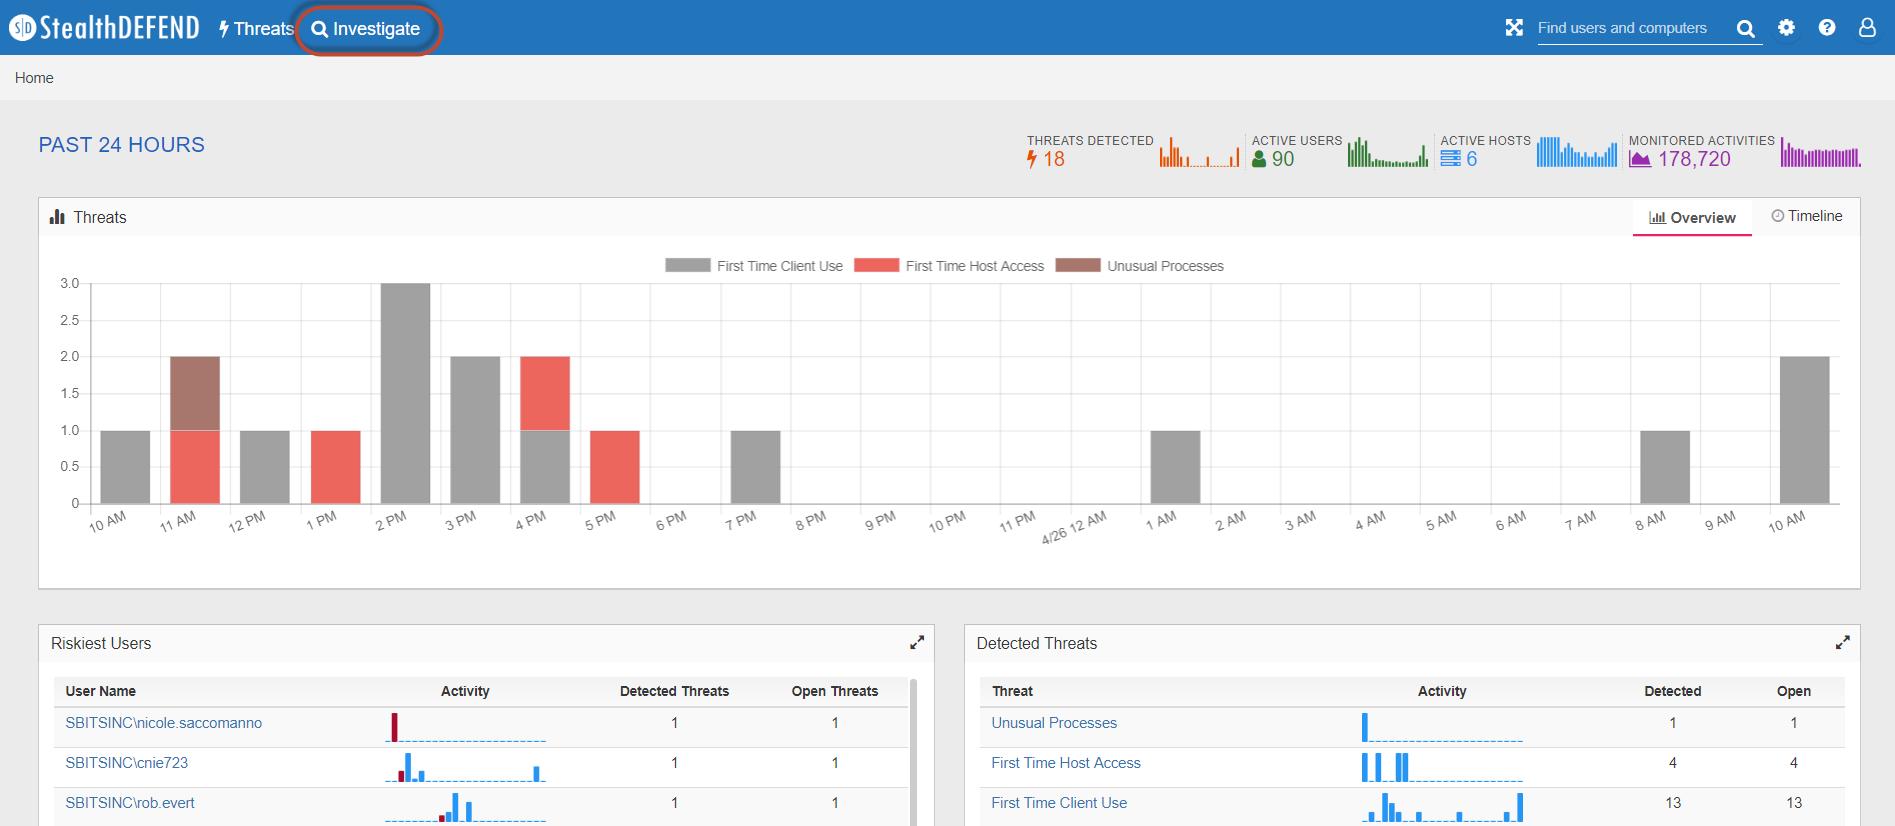 StealthDEFEND 1.1, StealthDEFEND 1.1 Investigate, Threat Analytics, Investigate Threats